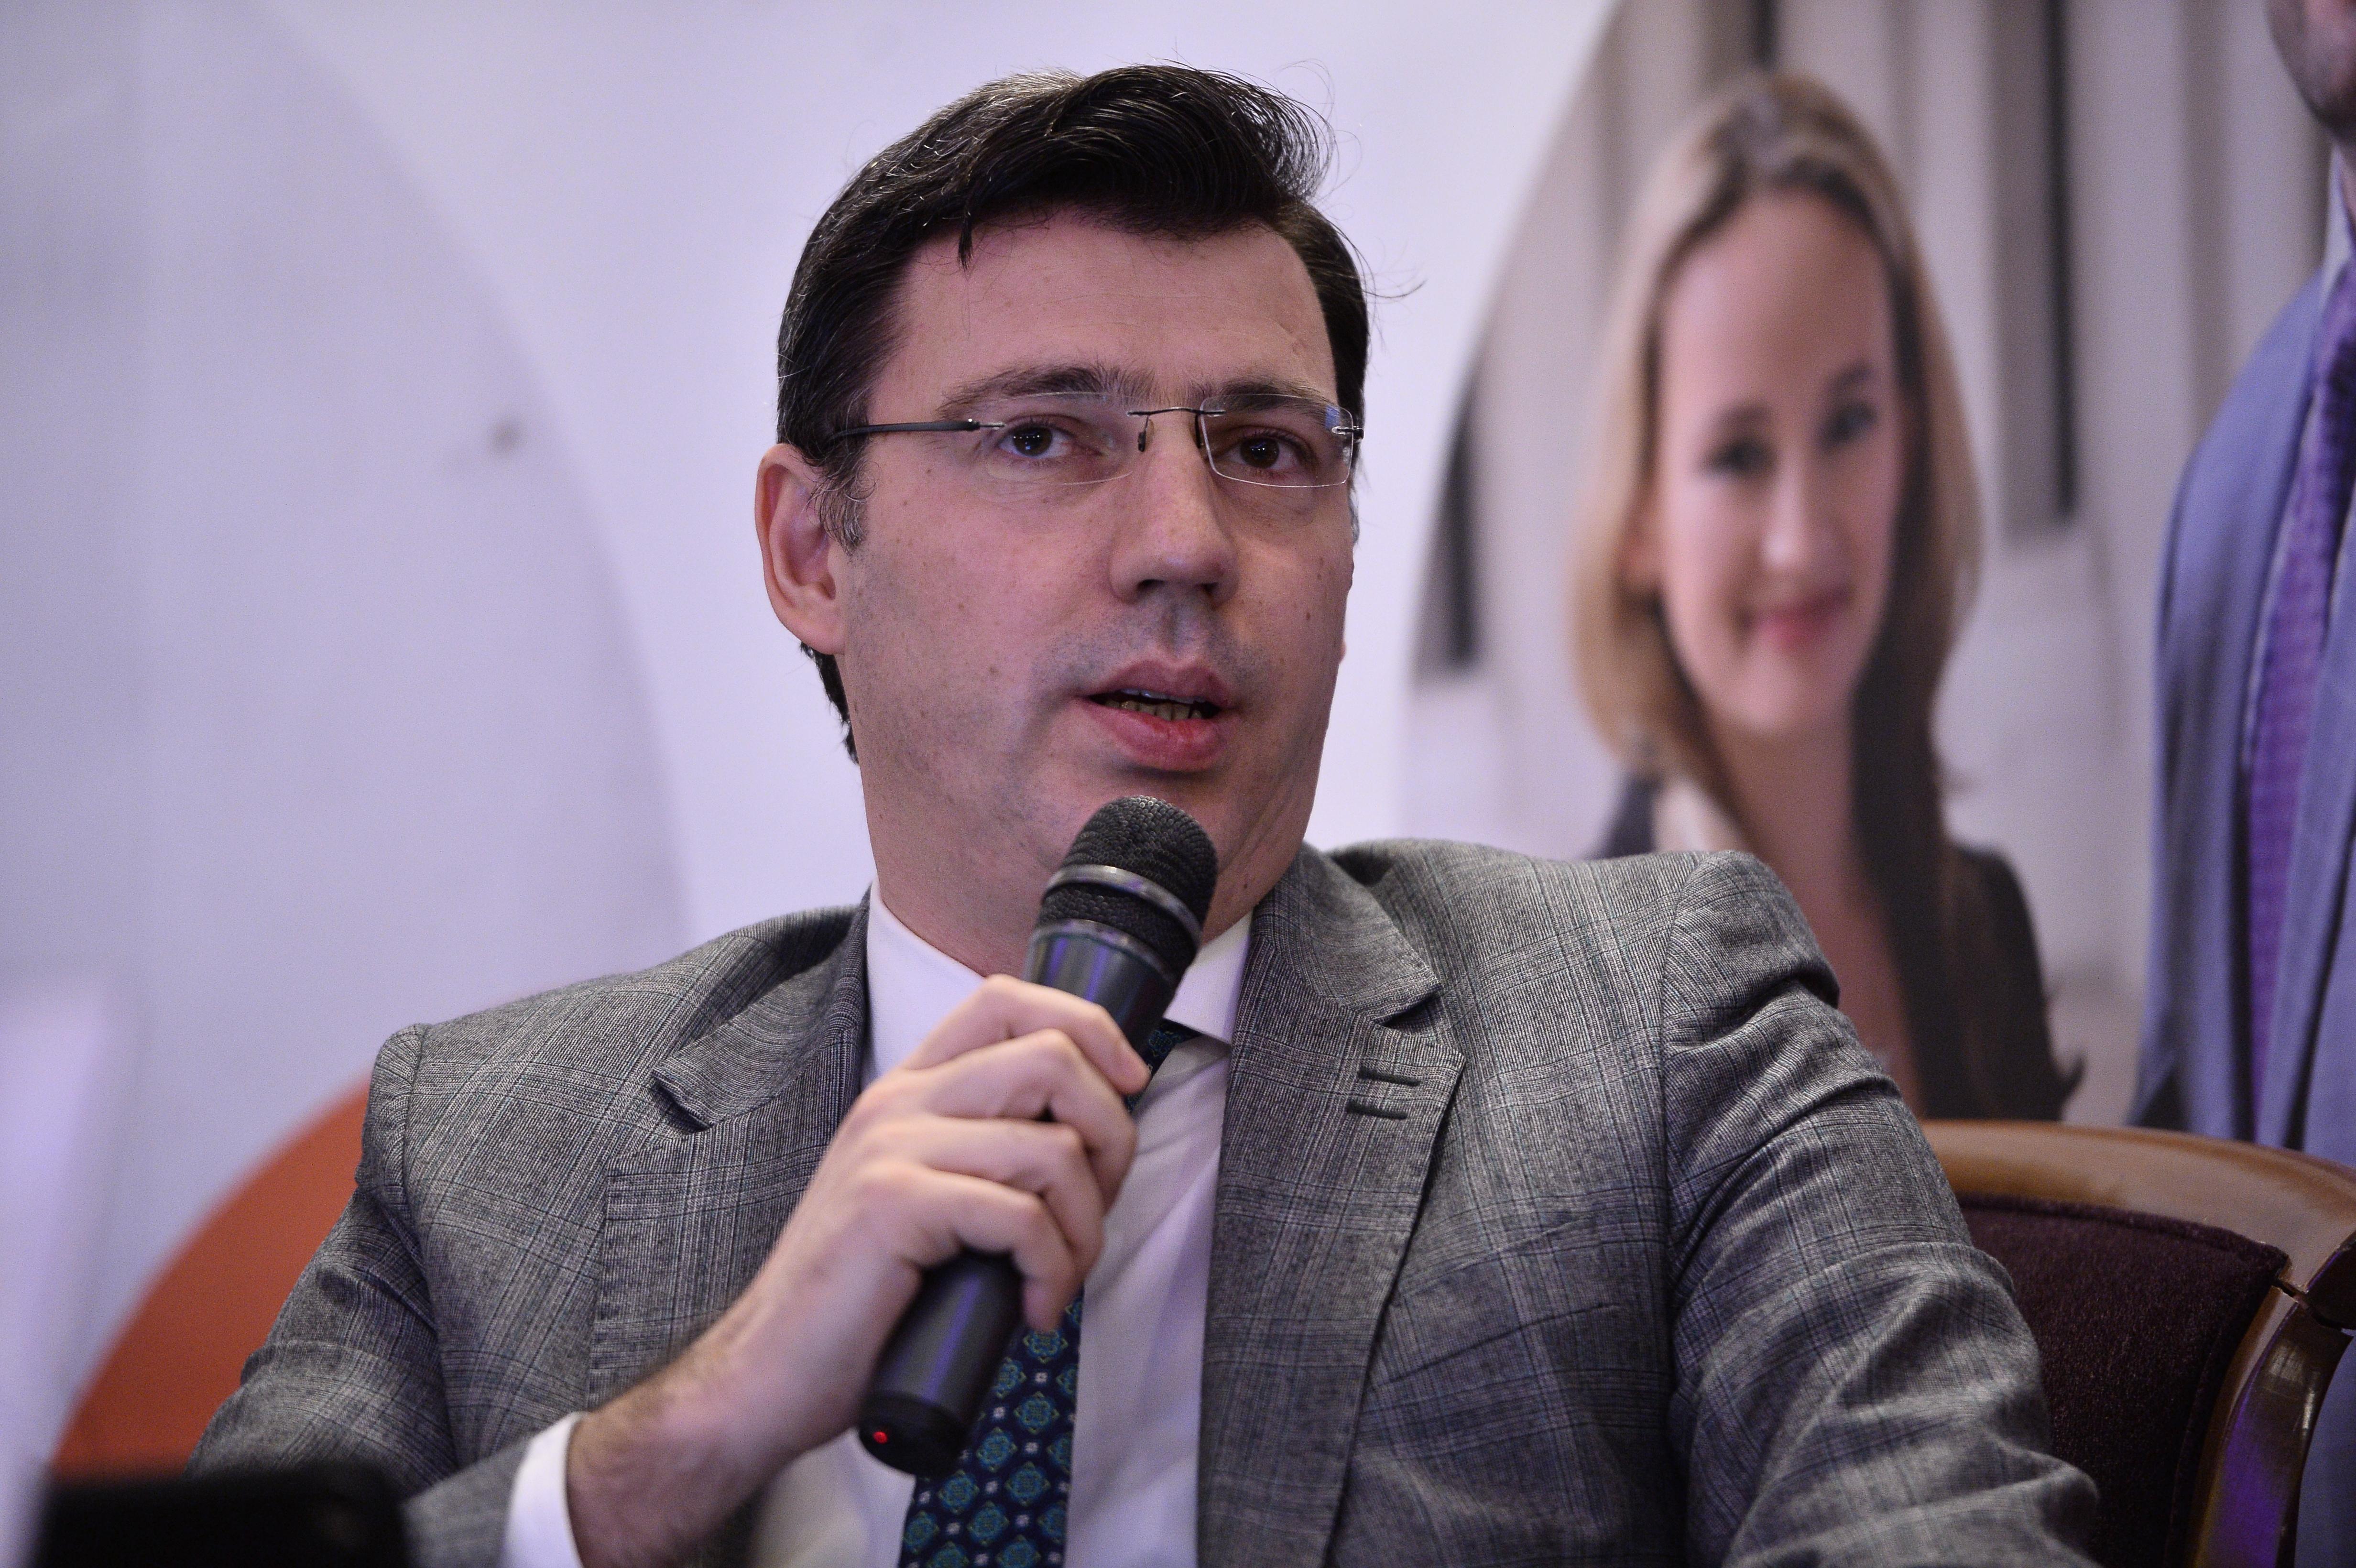 Ionuţ Mişa, ministrul Finanţelor: Sistemul de pensii speciale va mai funcţiona după vechile reguli până la 15 septembrie/ Ce spune despre plata CAS şi despre impozitul pe gospodării